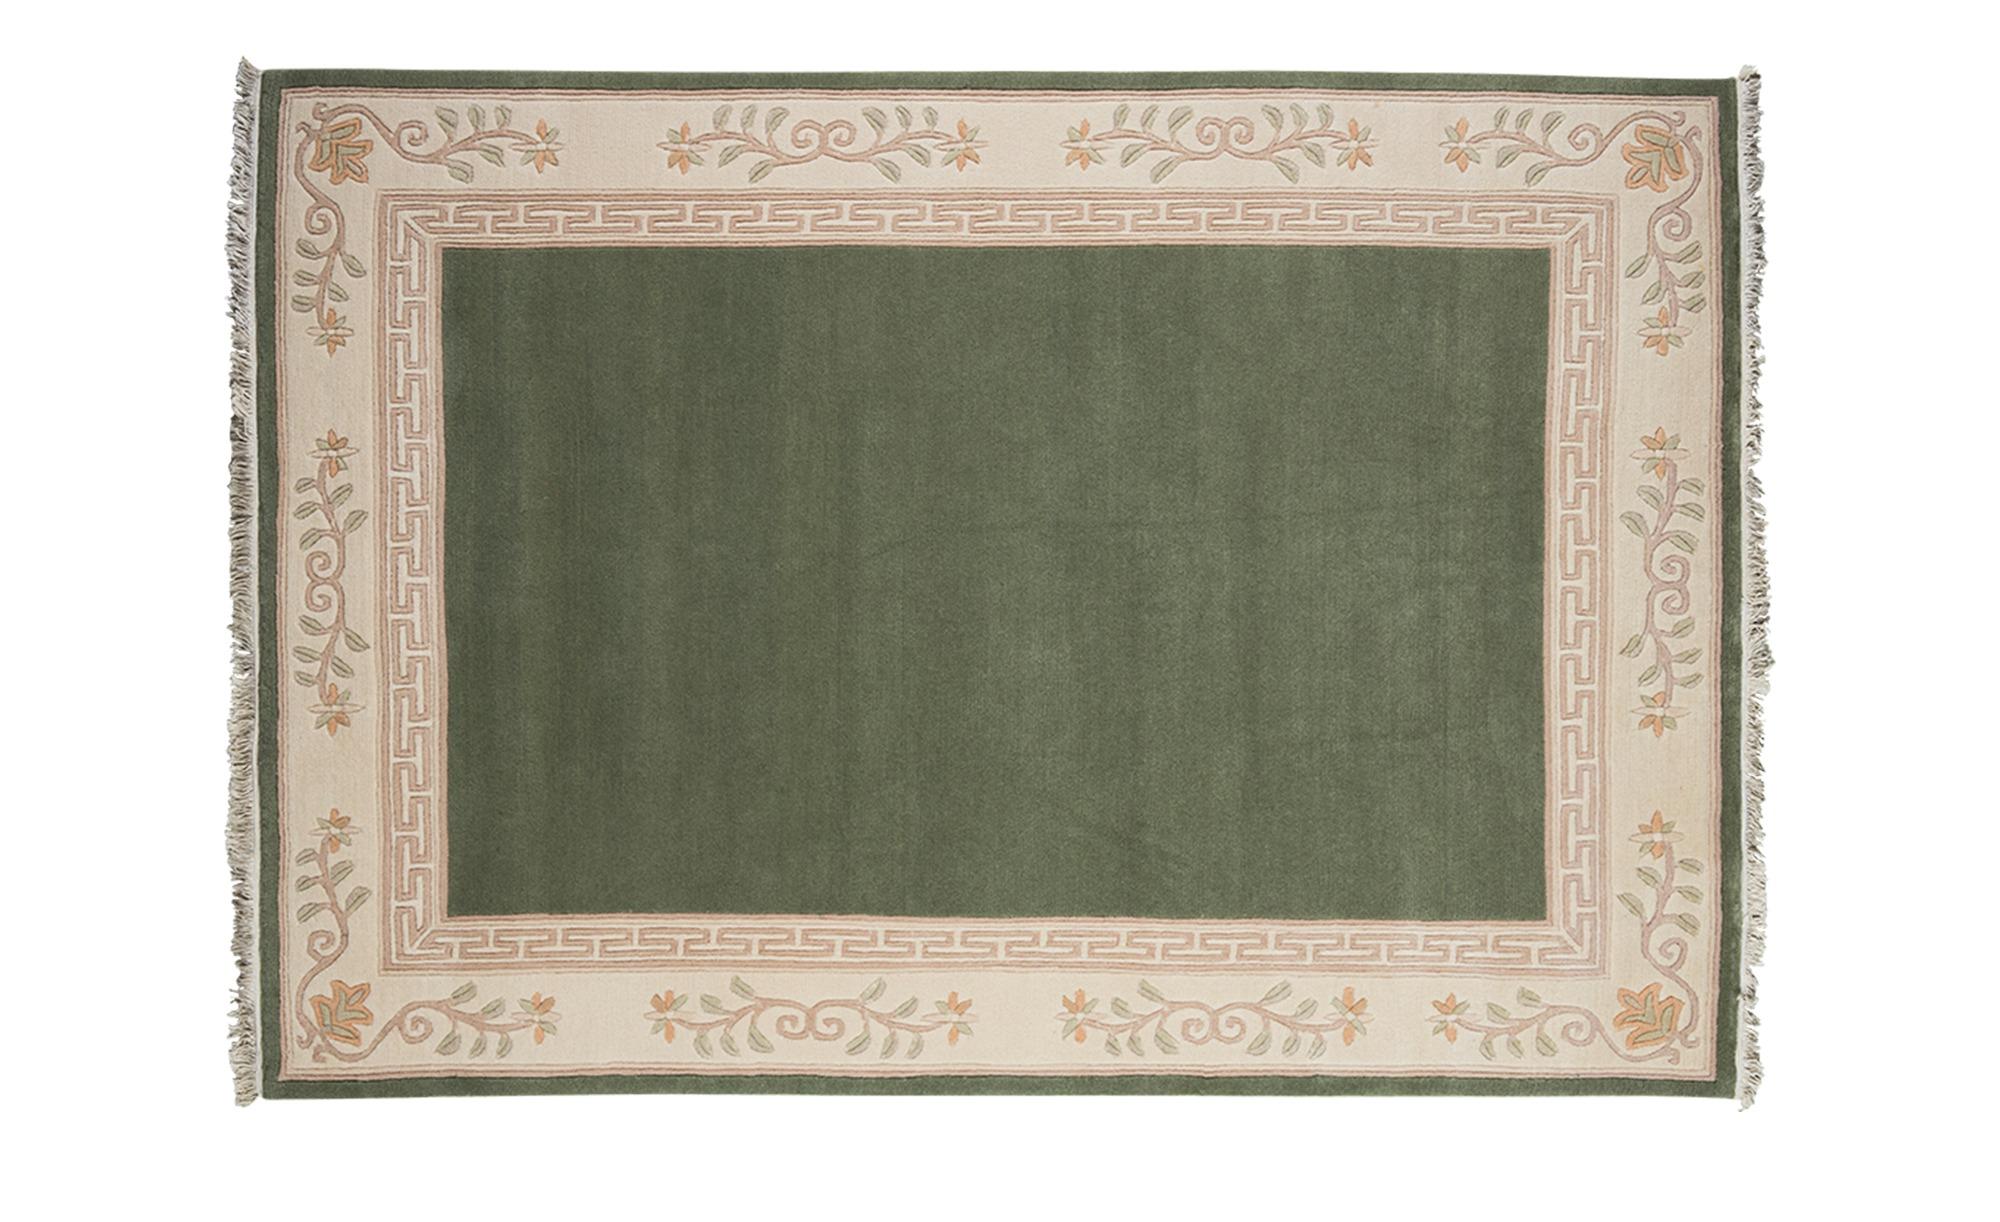 Nepal-Teppich  Classica ¦ grün ¦ 100 % Neuseelandwolle ¦ Maße (cm): B: 170 Teppiche > Wohnteppiche - Höffner